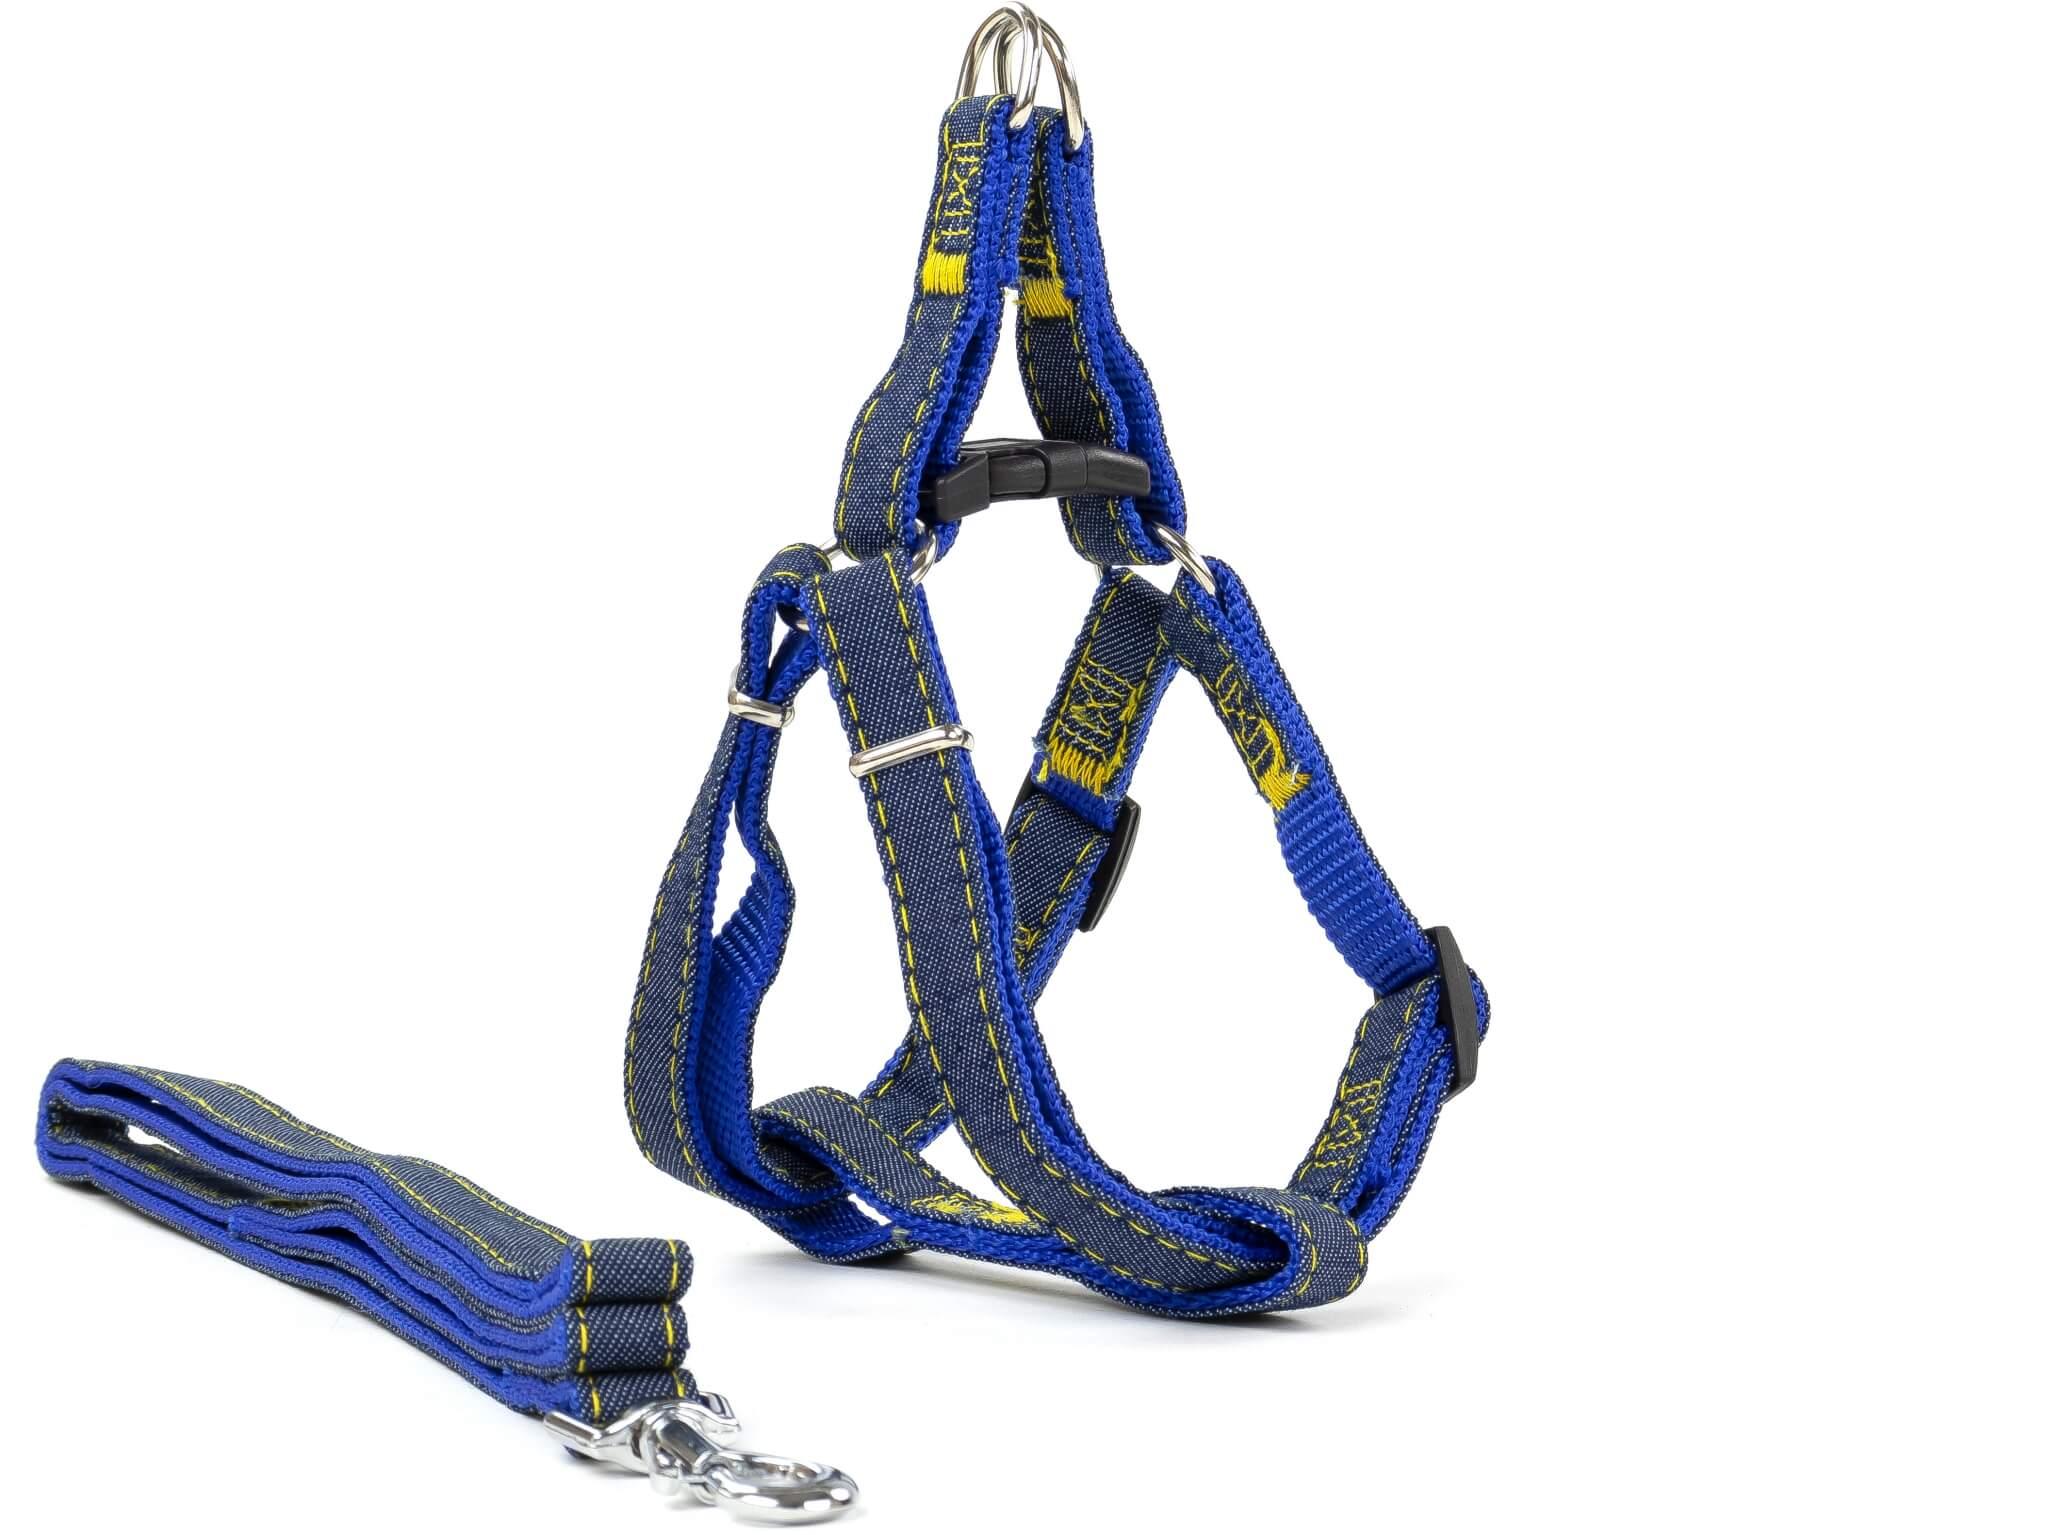 Vsepropejska Jeans riflový postroj pro psa s vodítkem | 23 – 63 cm Barva: Modrá, Obvod hrudníku: 38 - 54 cm